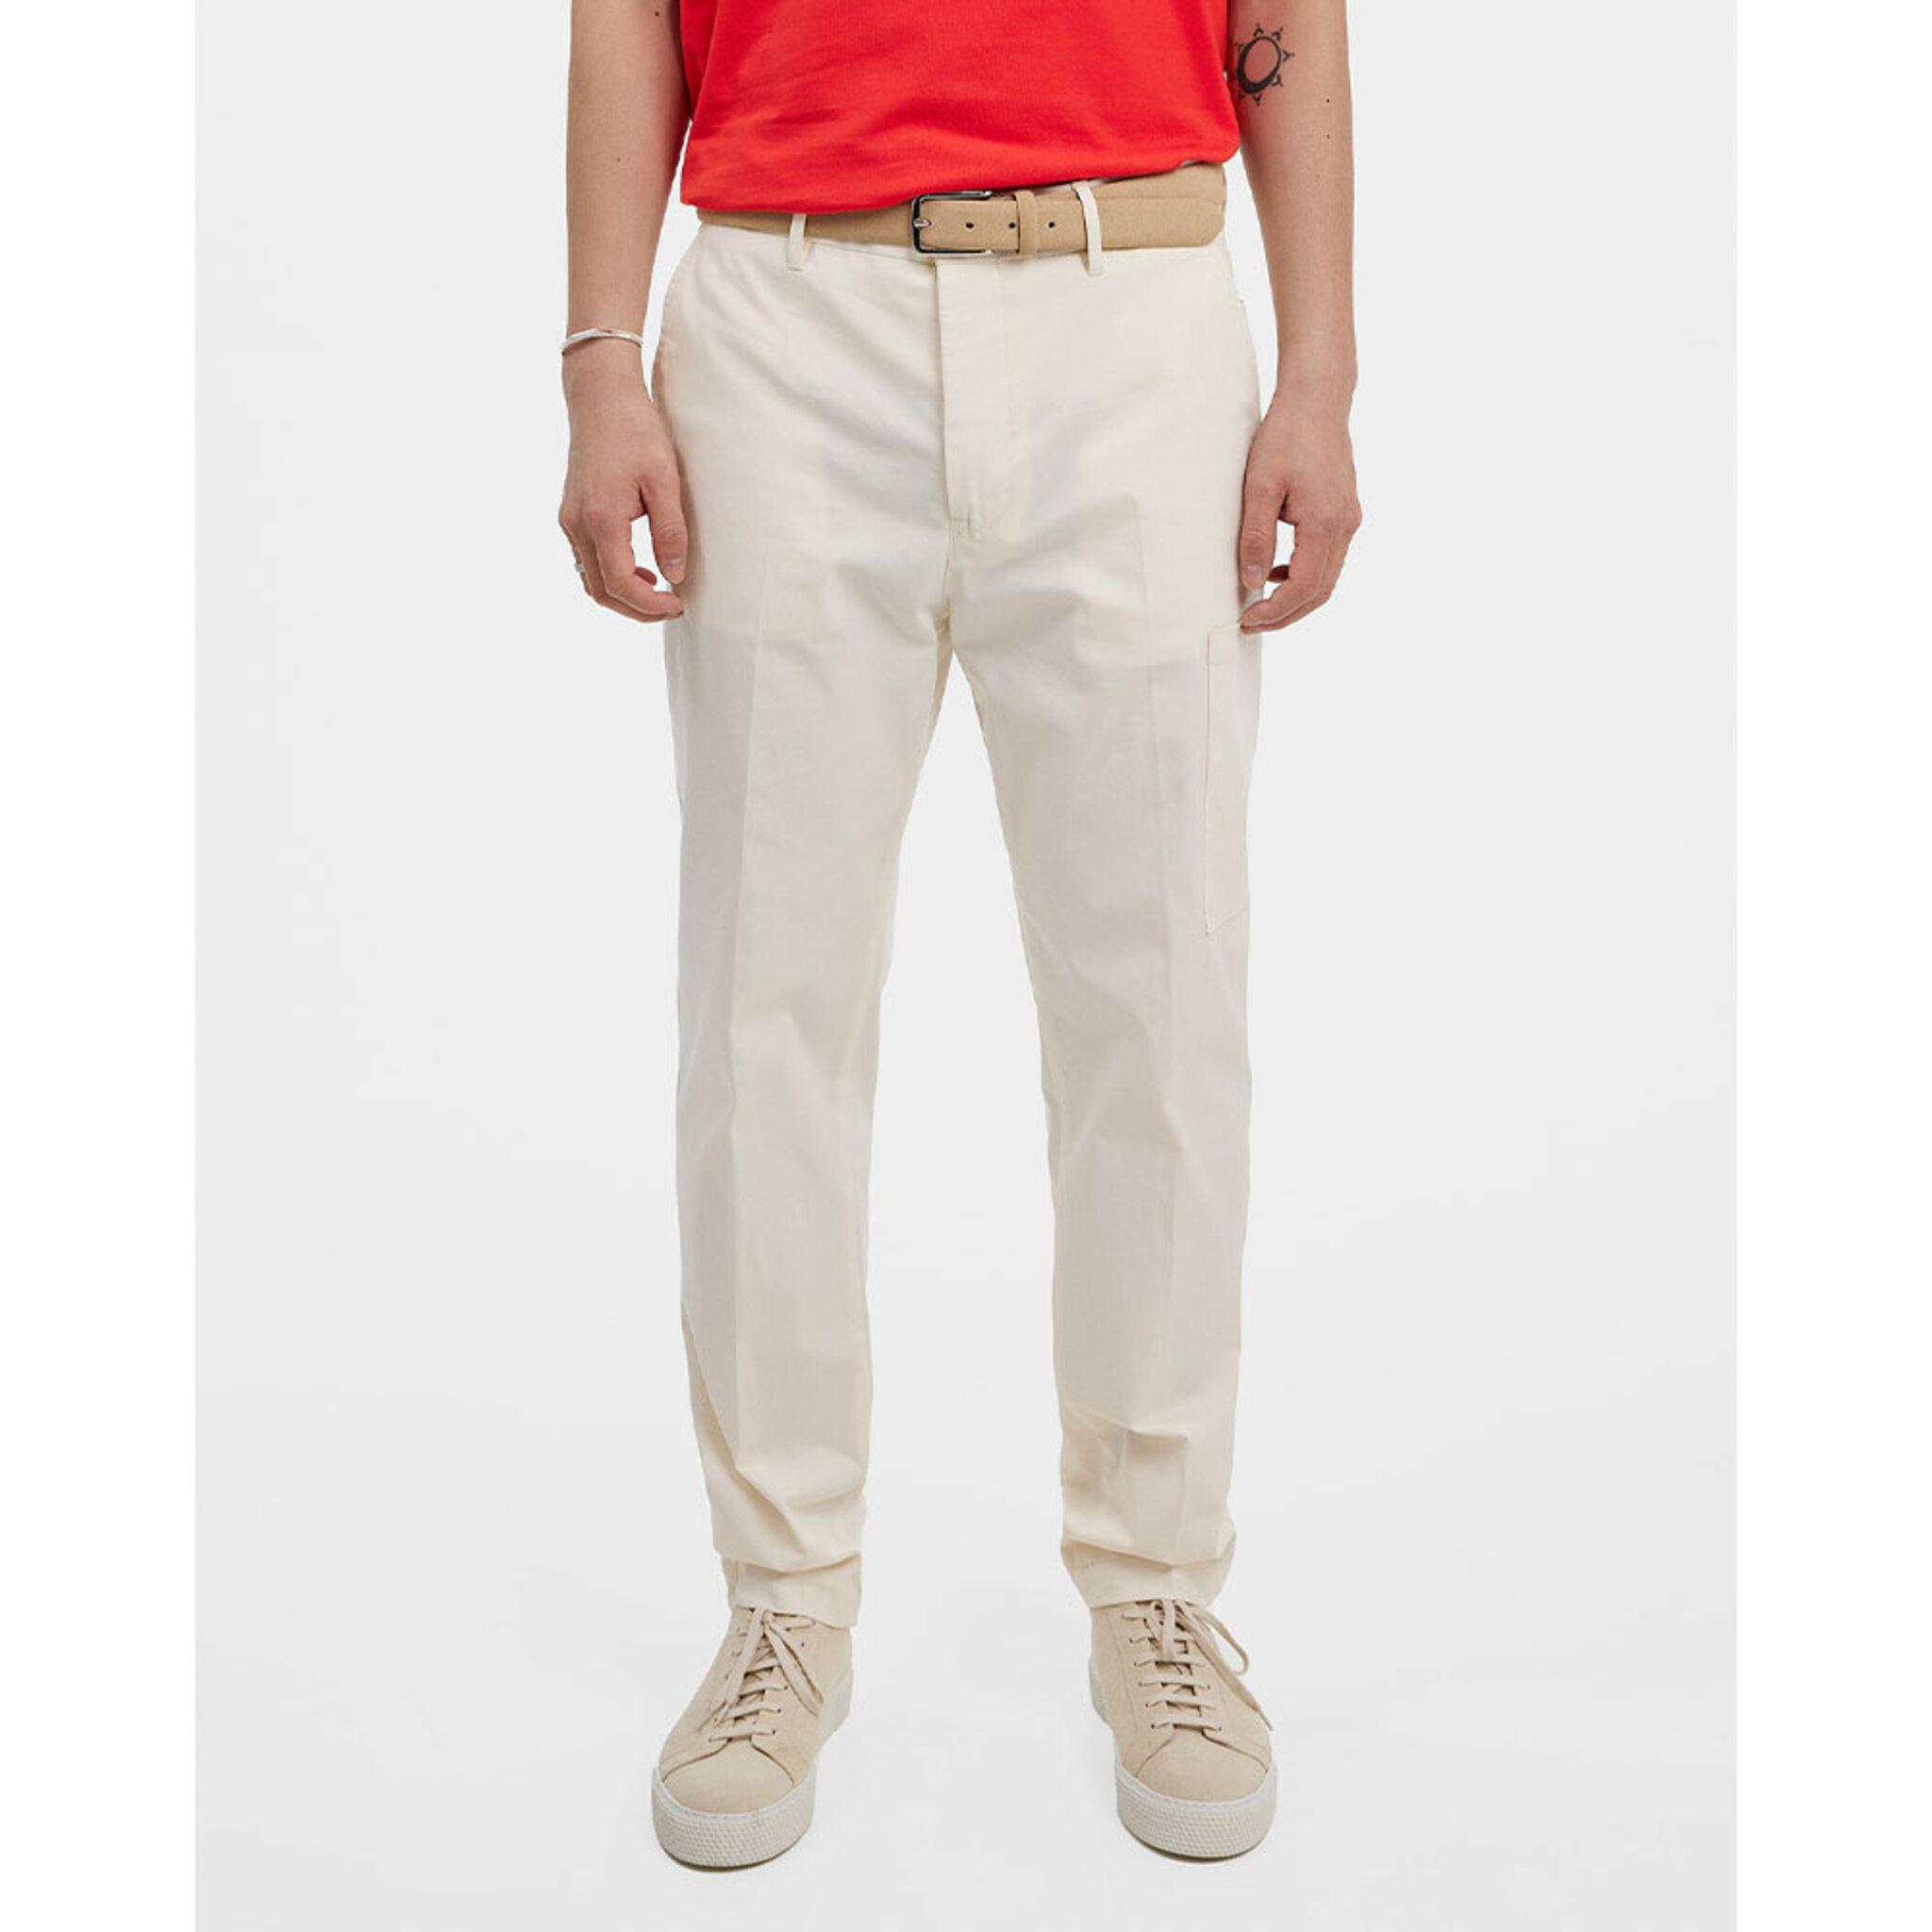 Joe Cotton Stretch Pants